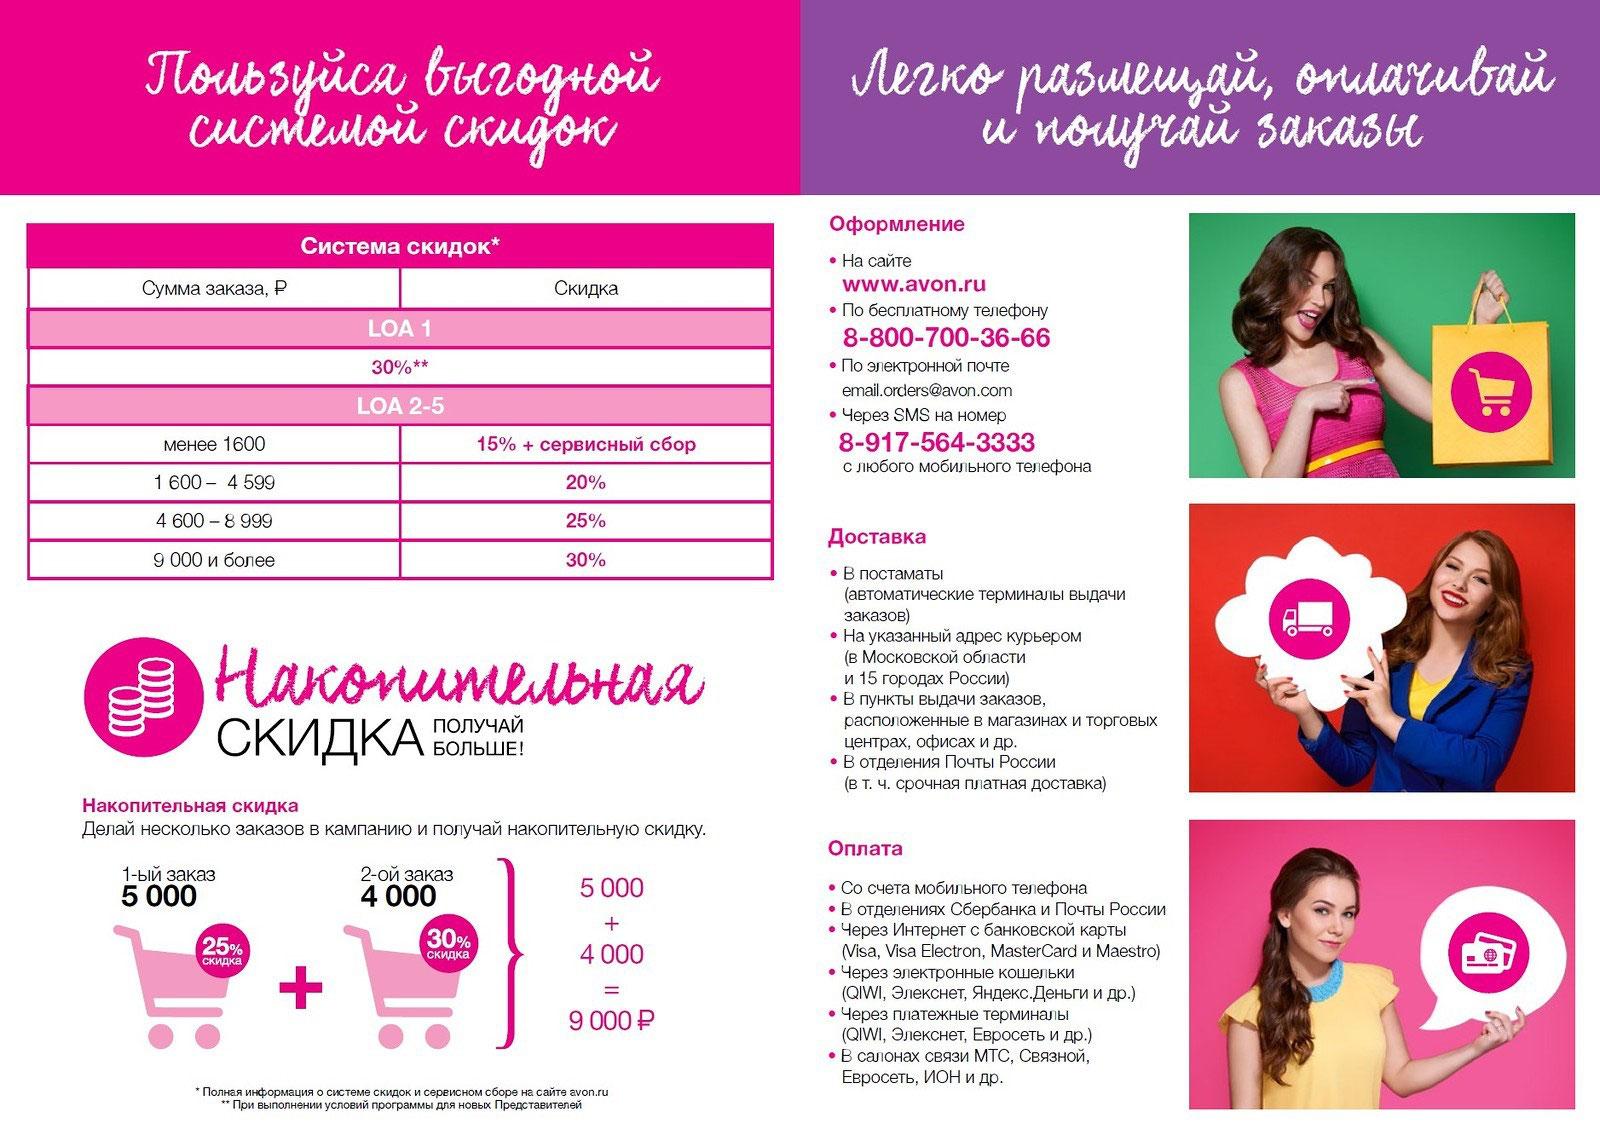 Эйвон контакты для представителей купить органайзер для косметики в краснодаре